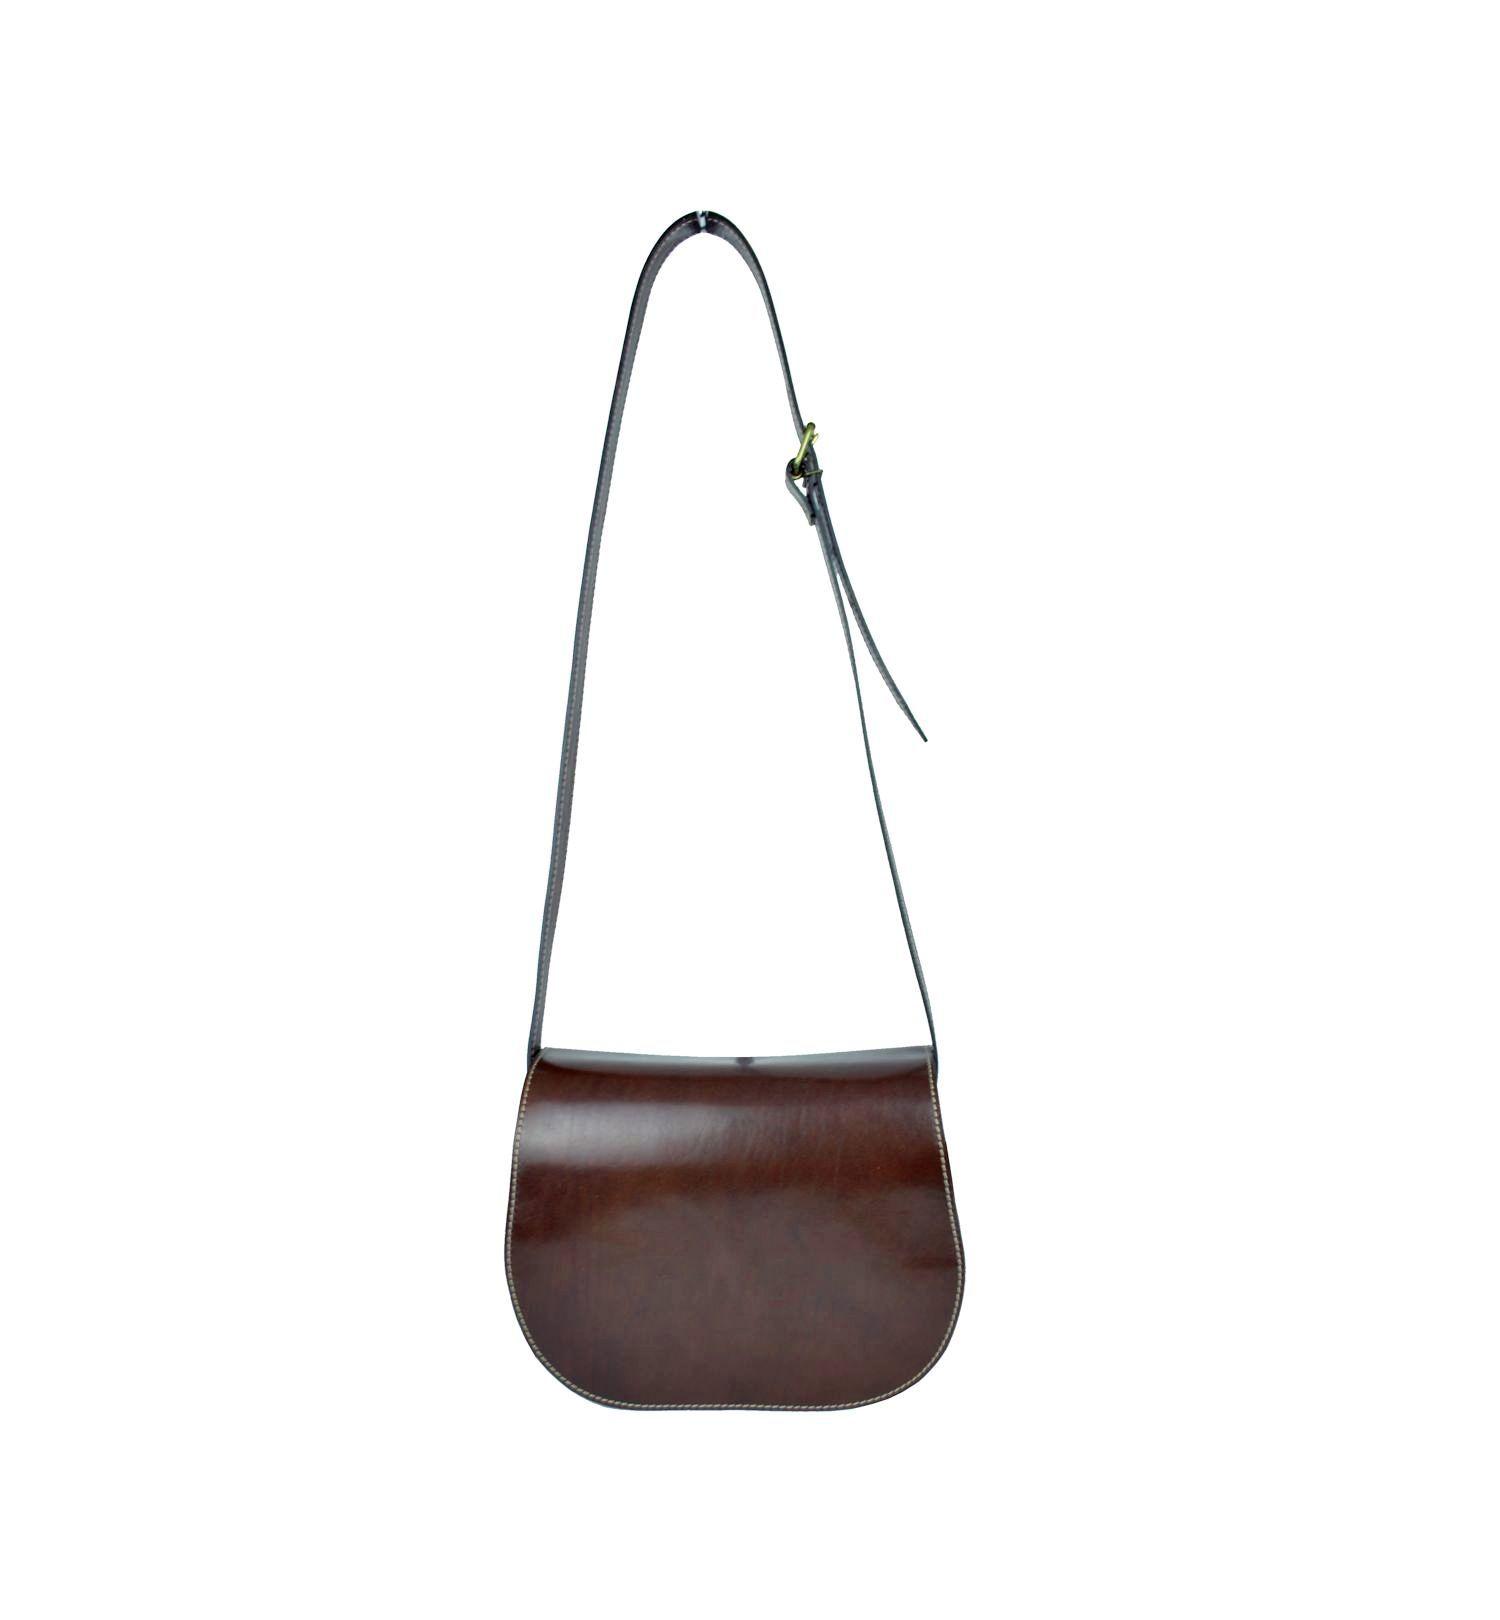 Kabelka kožená lovecká, ručne tieňovaná, skrytý magnet, hnedá farba (2)